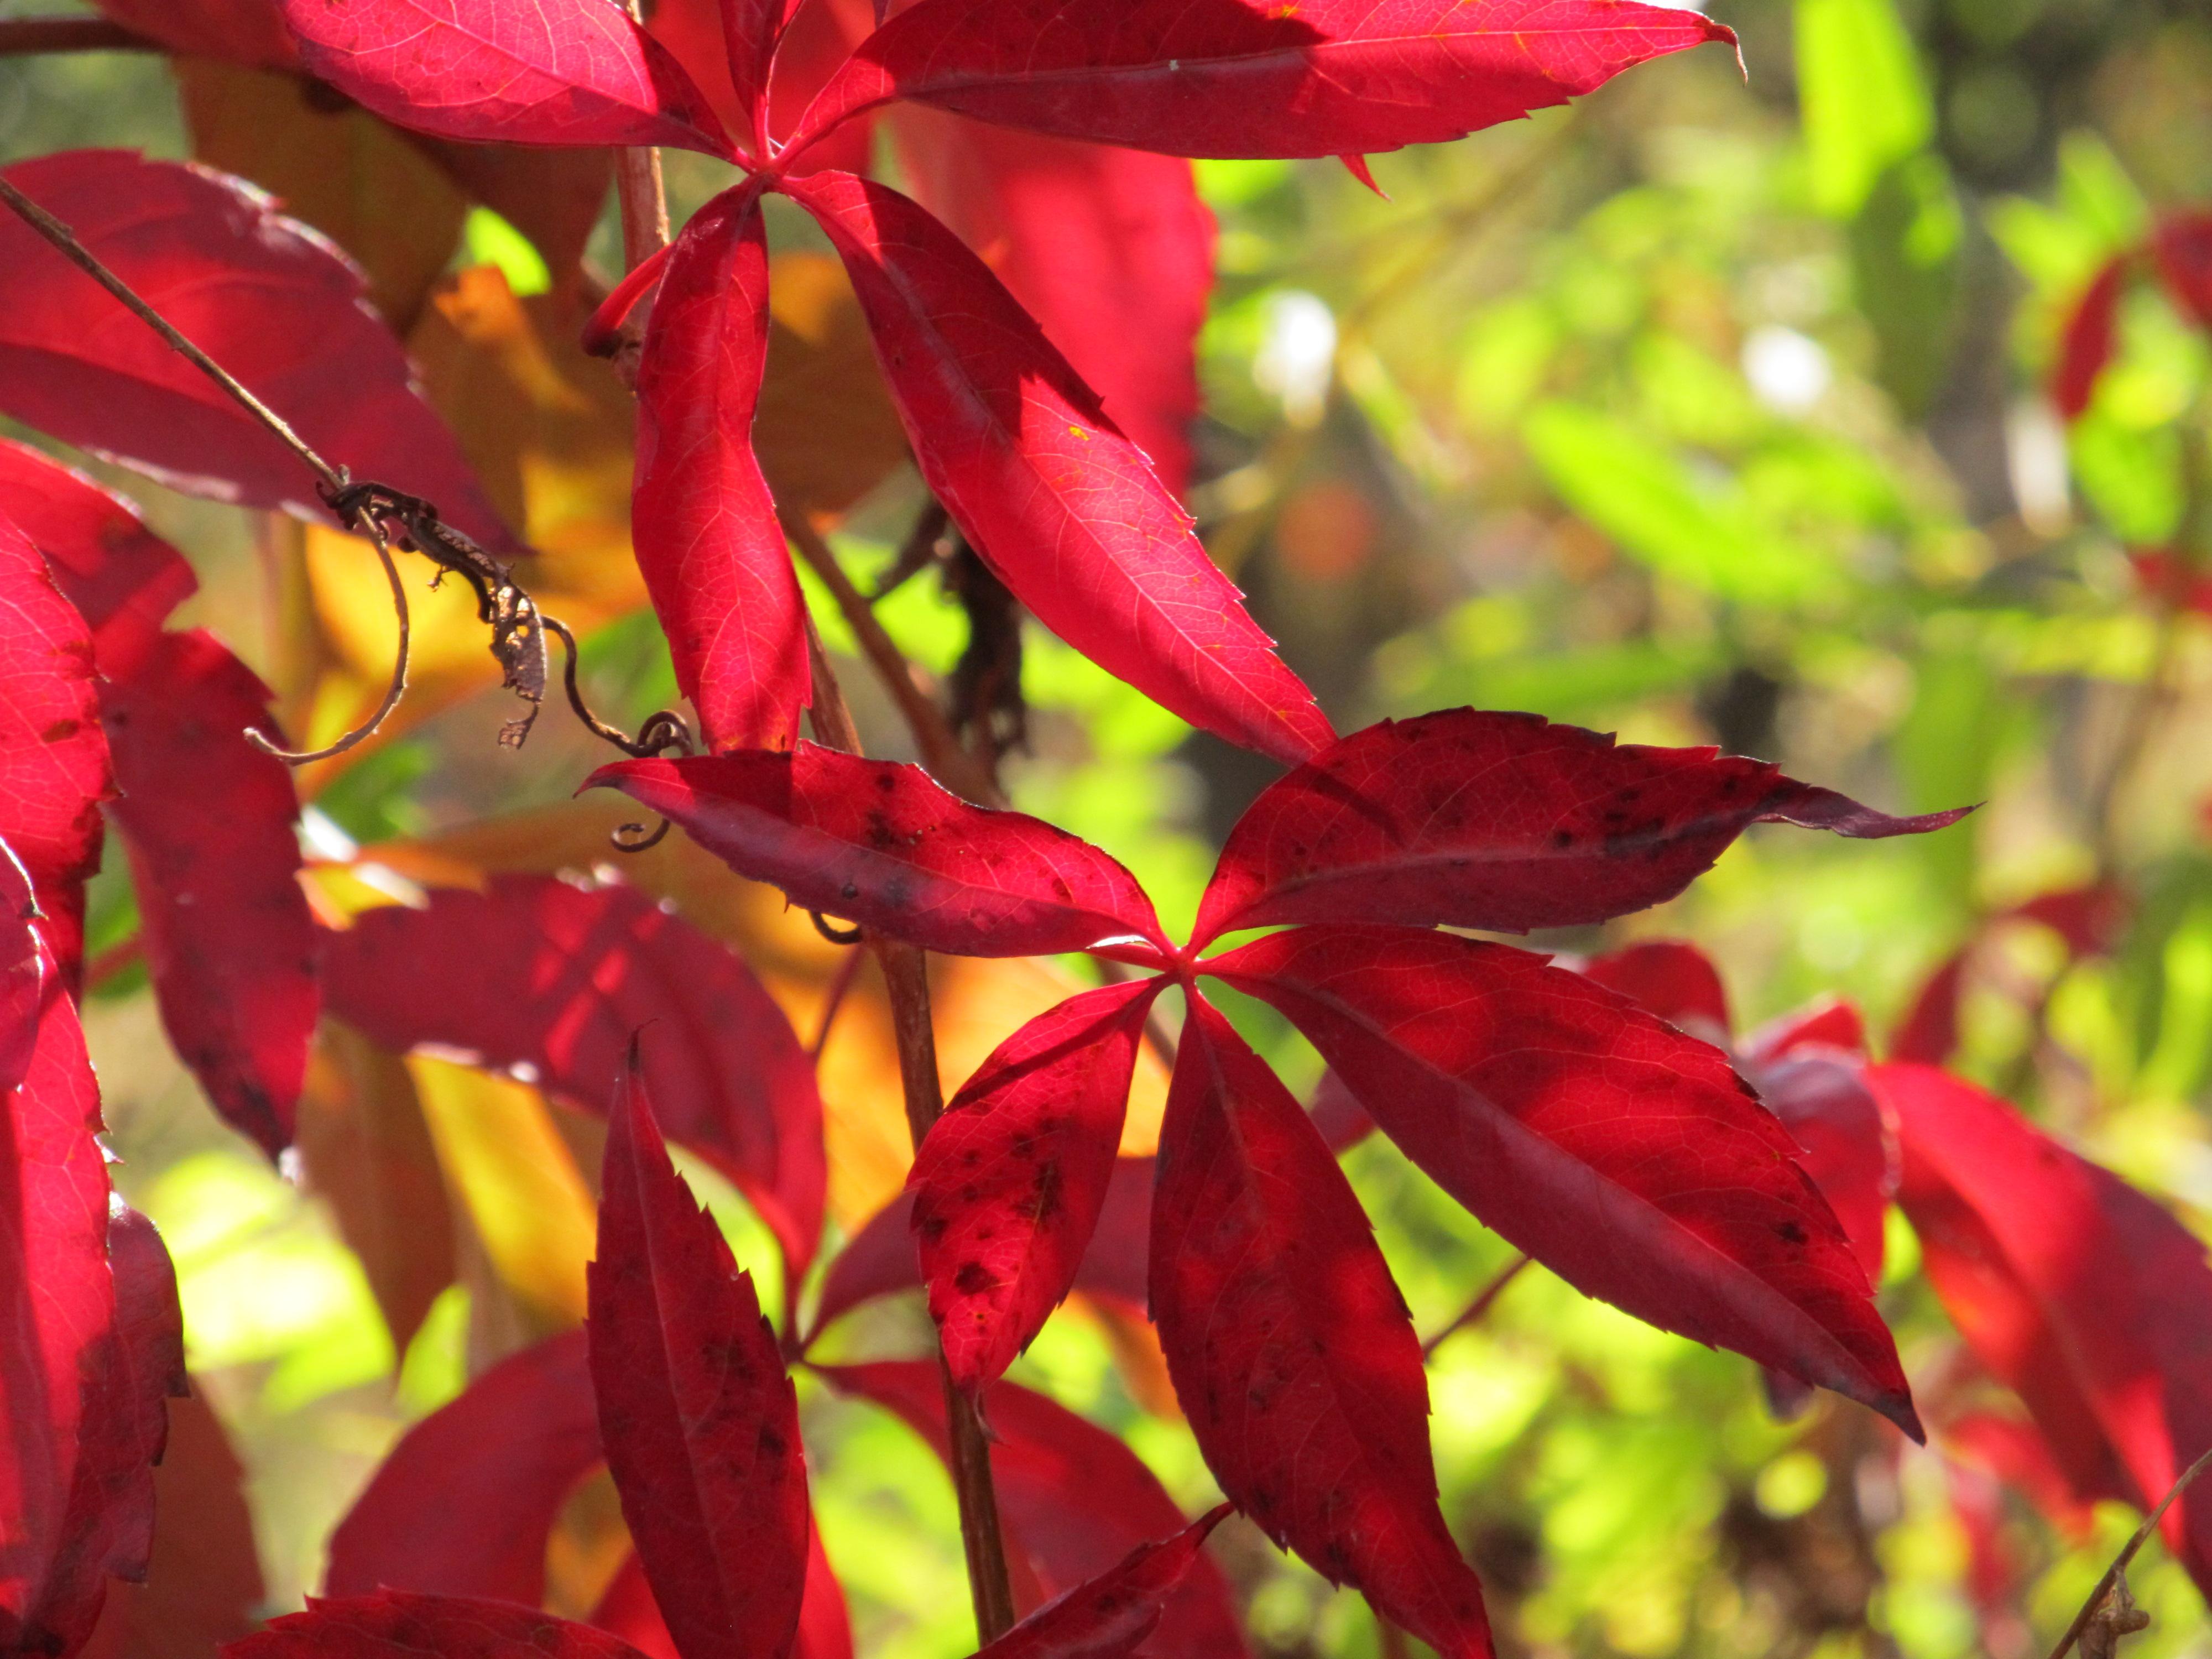 Ceai din frunze de VIŢĂ DE VIE – ajută la SLĂBIT şi contribuie la o sănătate deplină